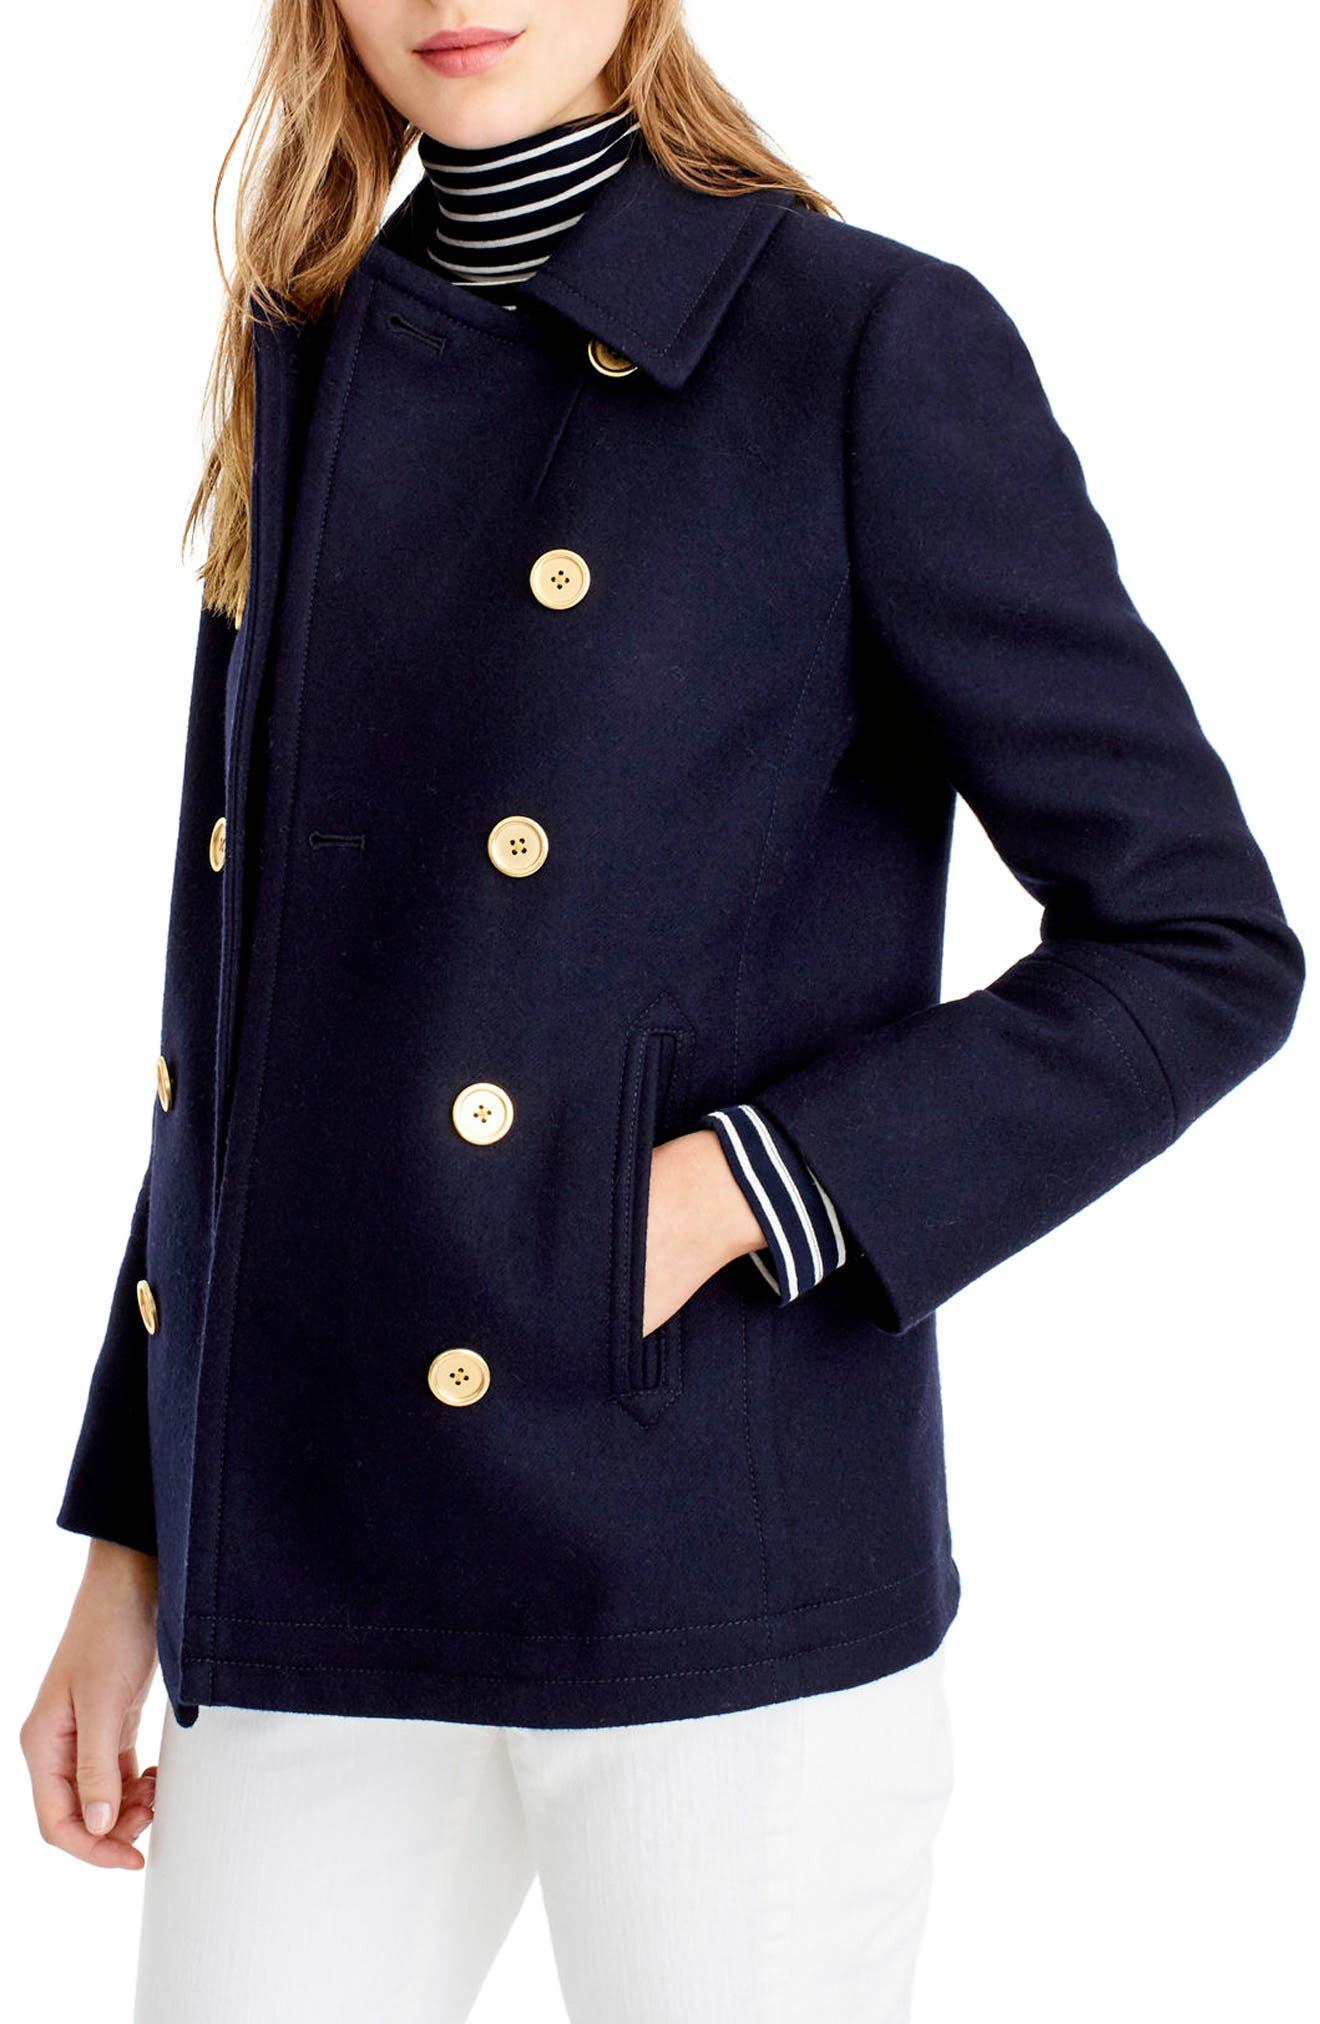 Main Image - J.Crew Heritage Wool Blend Peacoat (Regular & Petite)